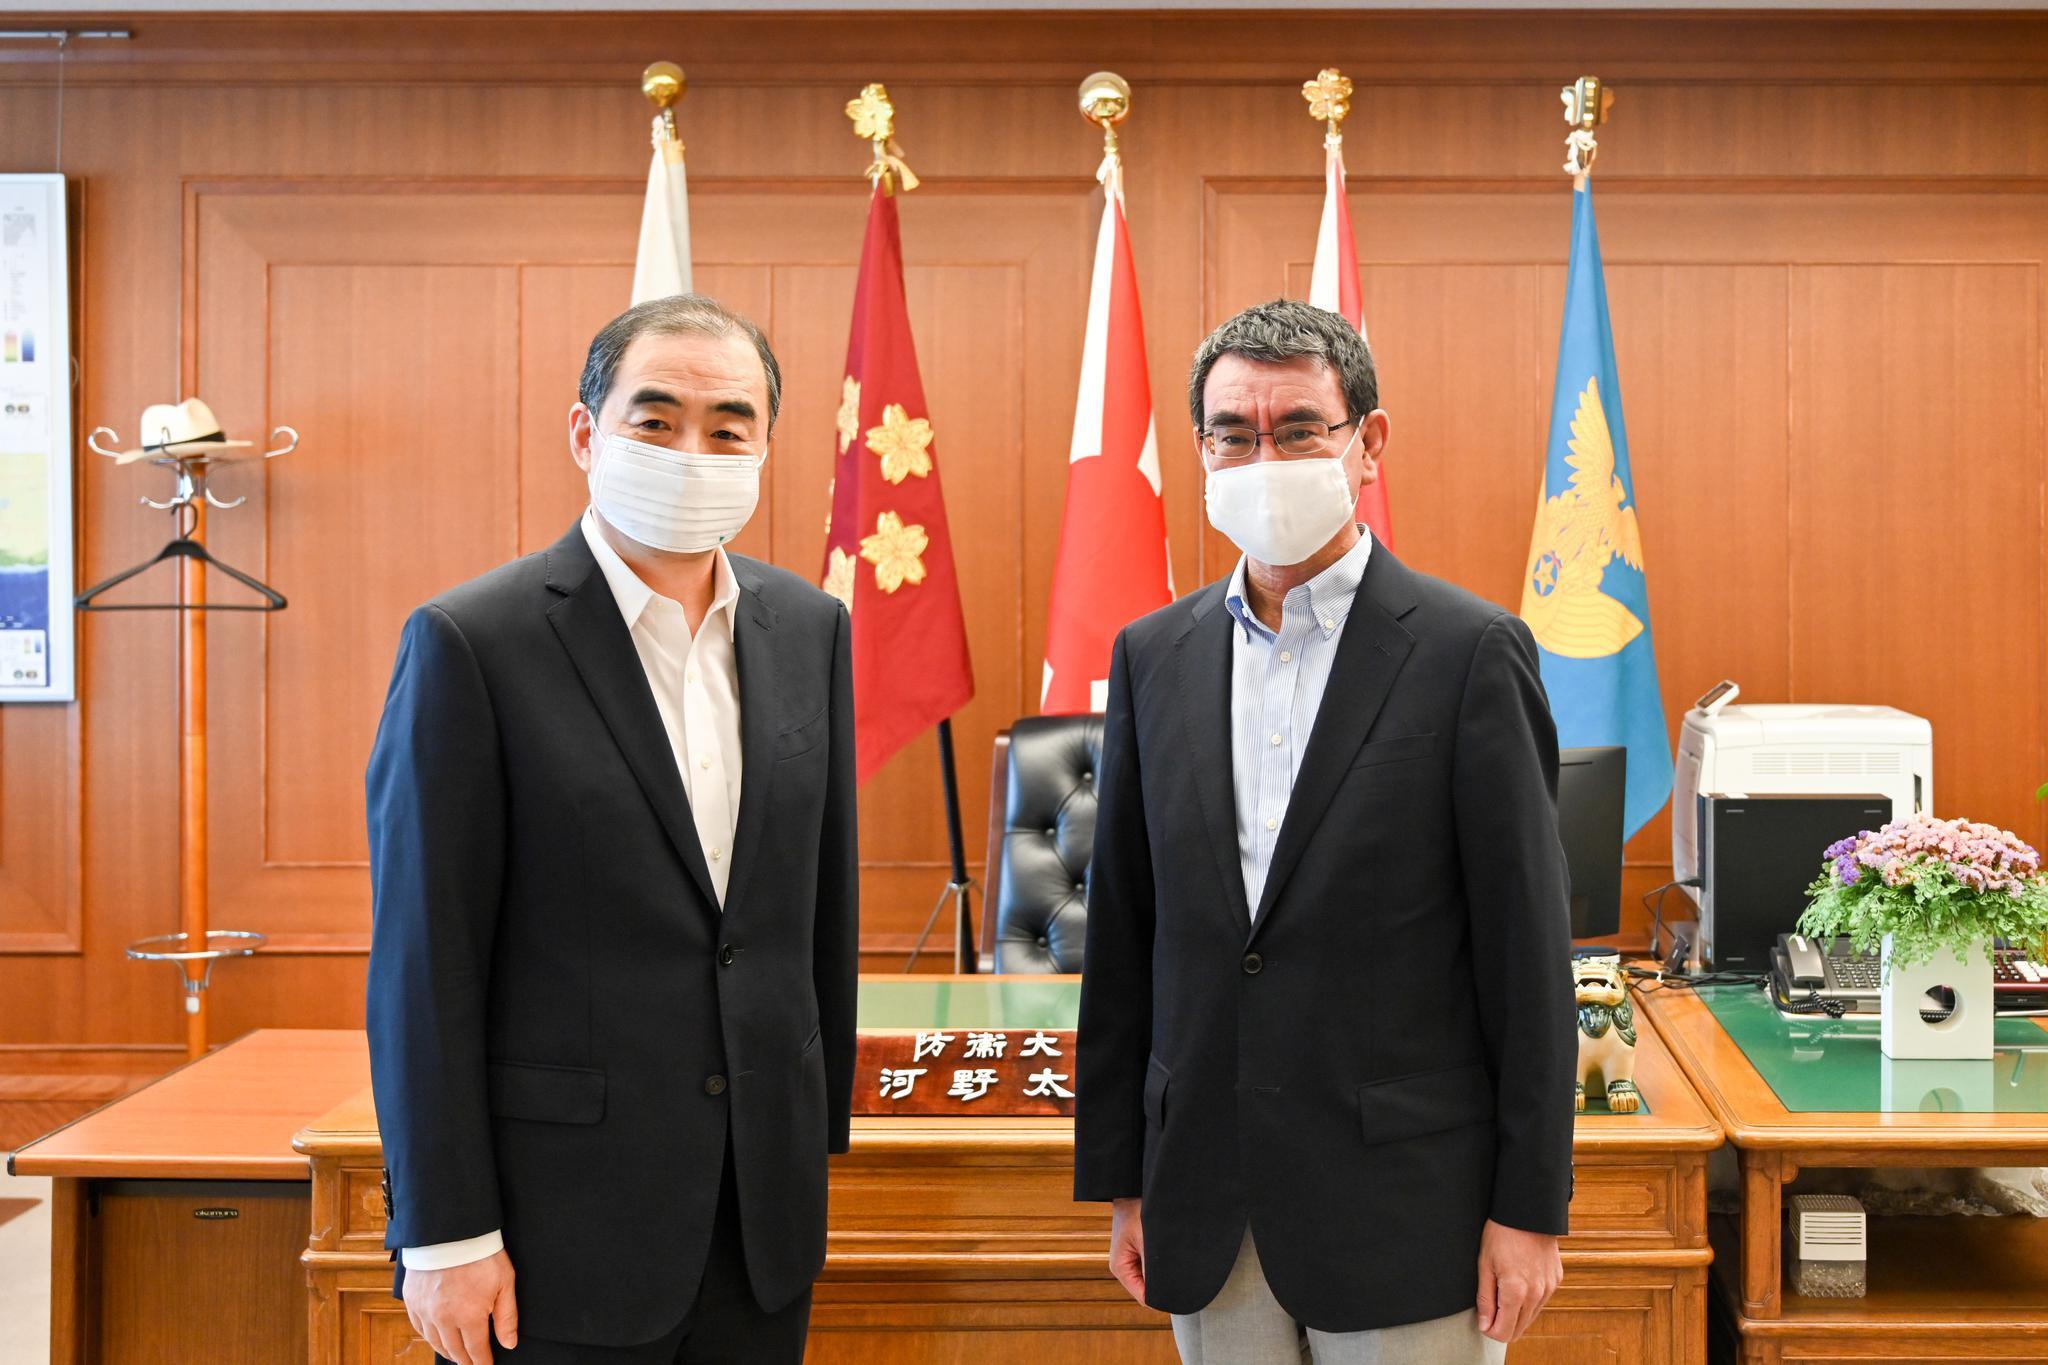 驻日本大使孔铉佑就涉海问题阐述中国立场